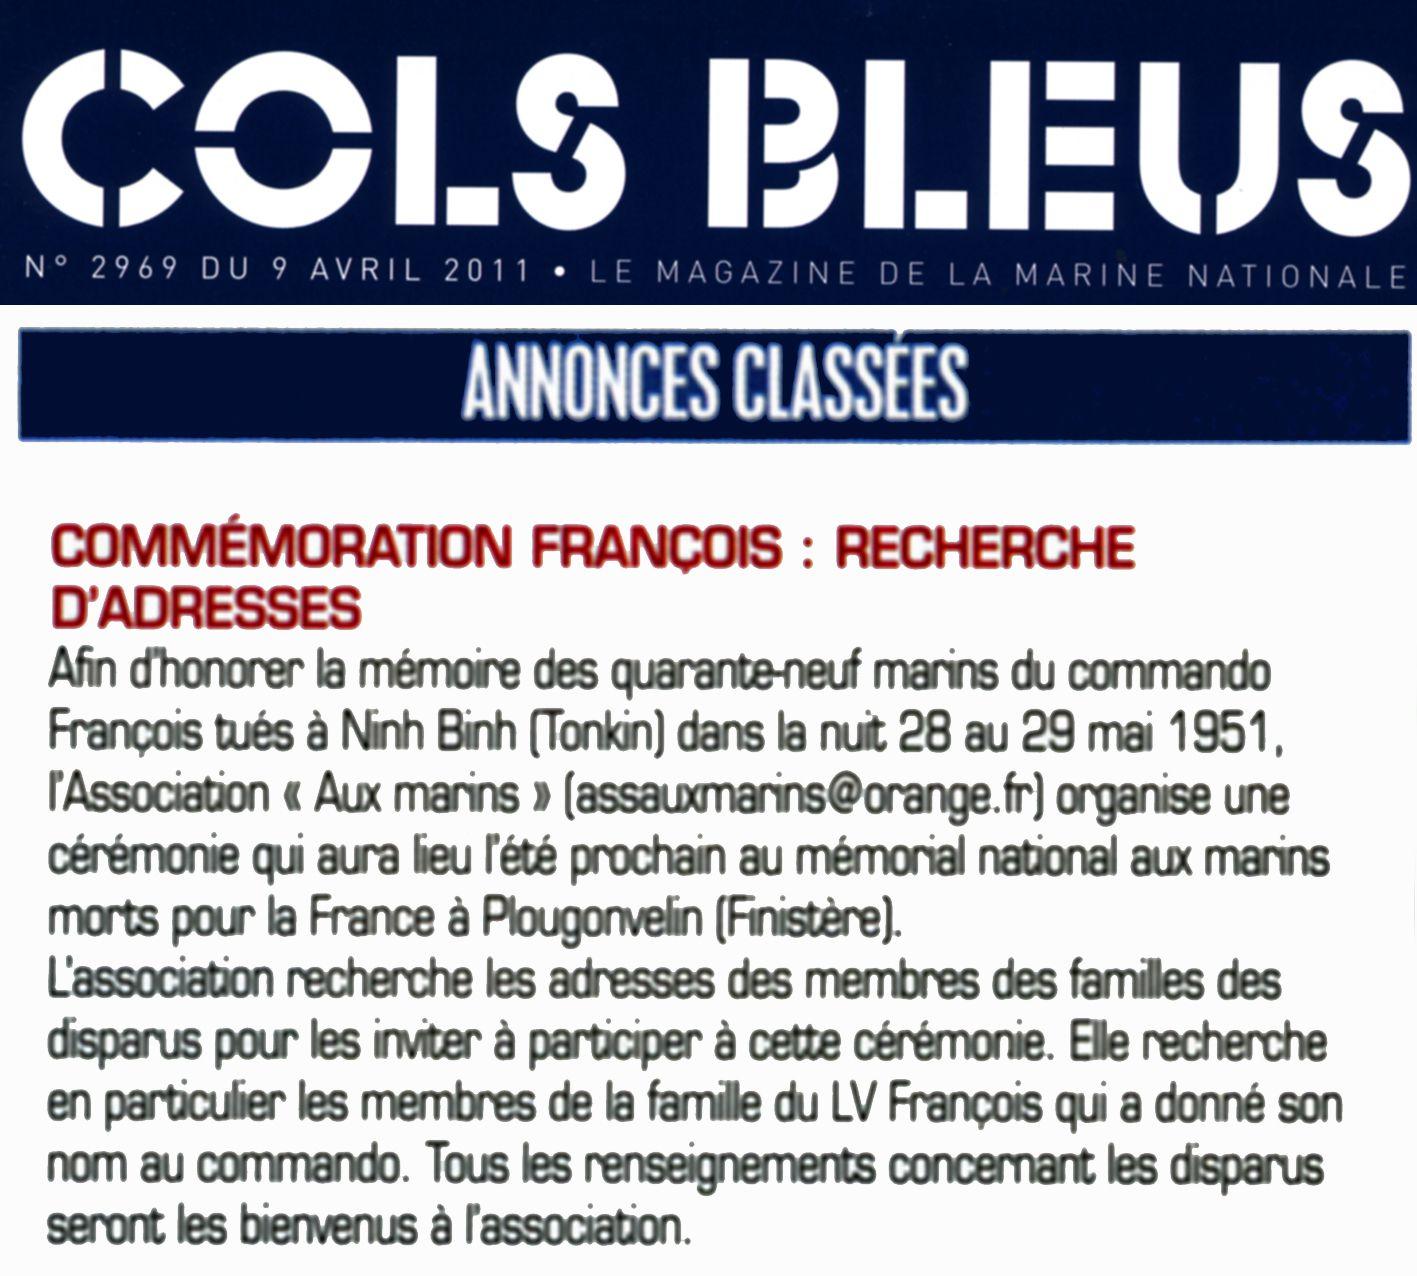 27 AOÛT 2011 - HOMMAGE AUX MARINS DU COMMANDO FRANÇOIS